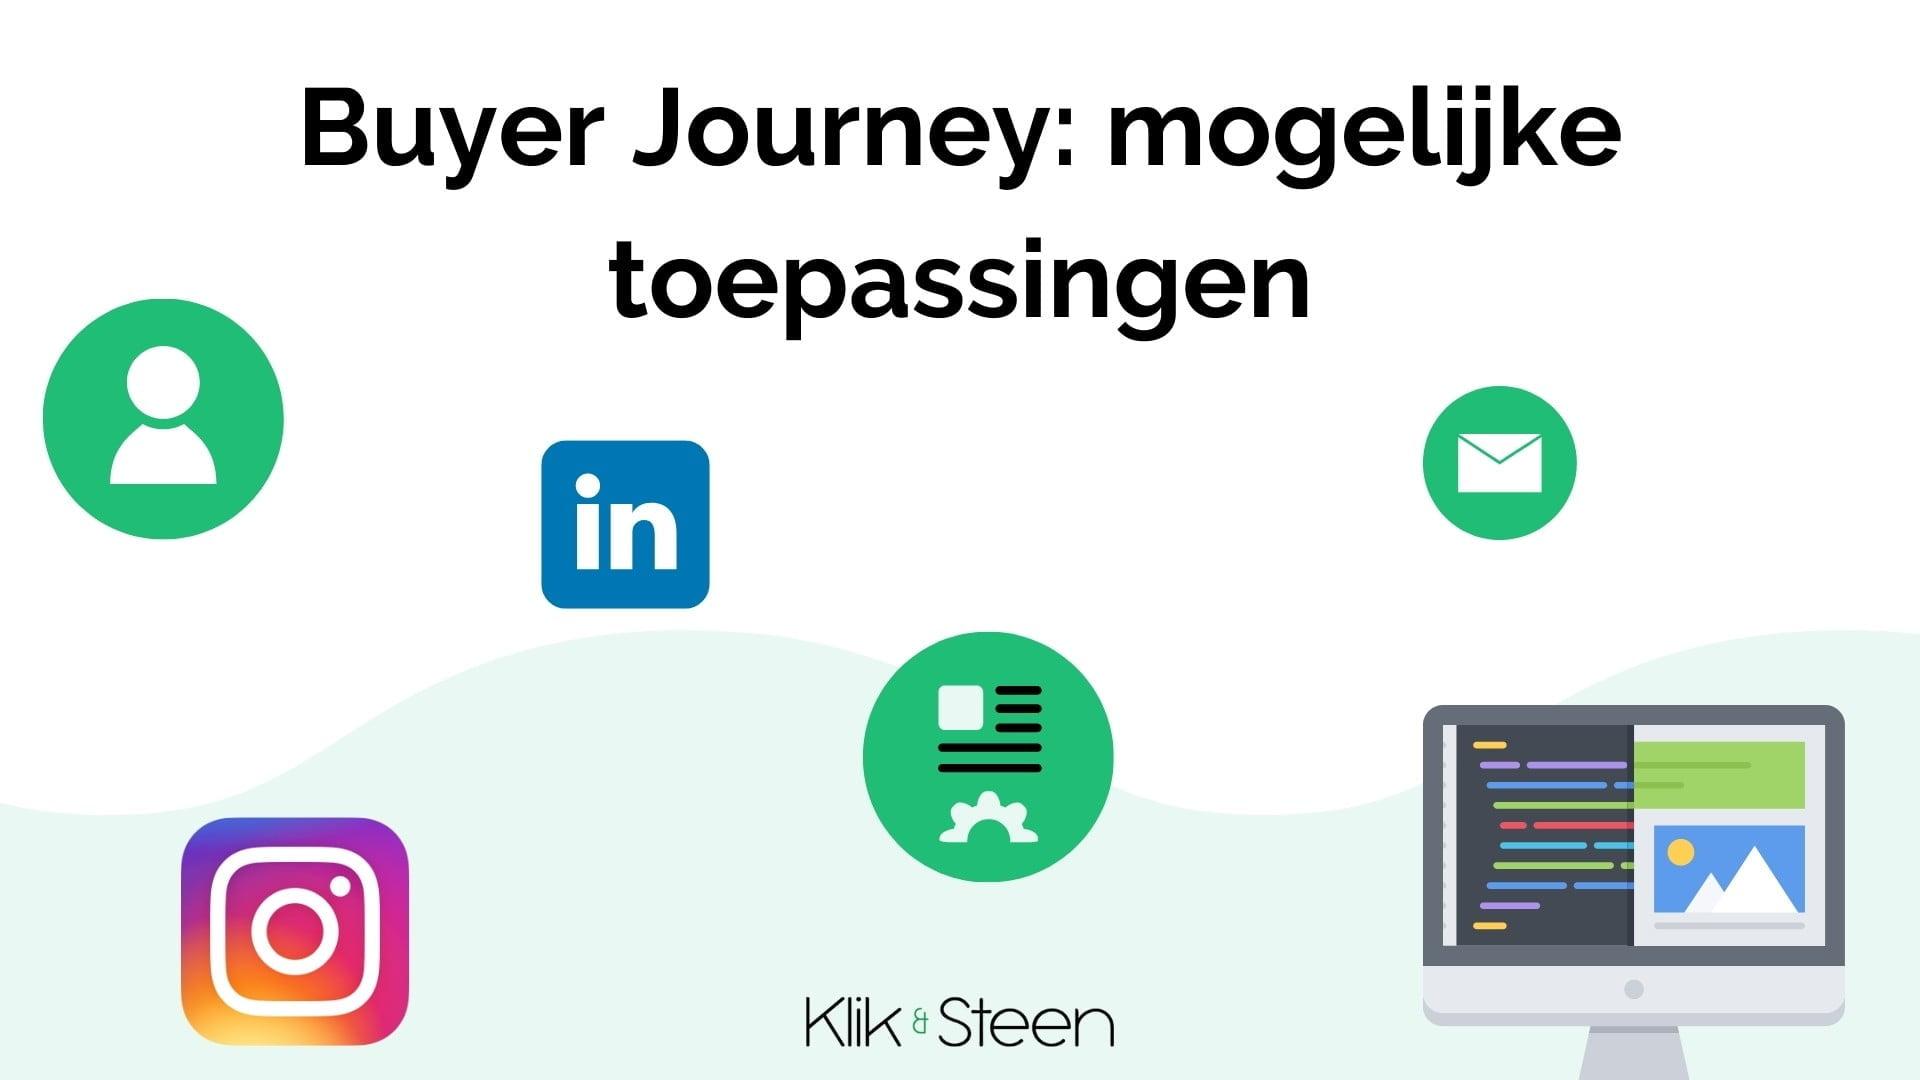 buyer journey toepassingen